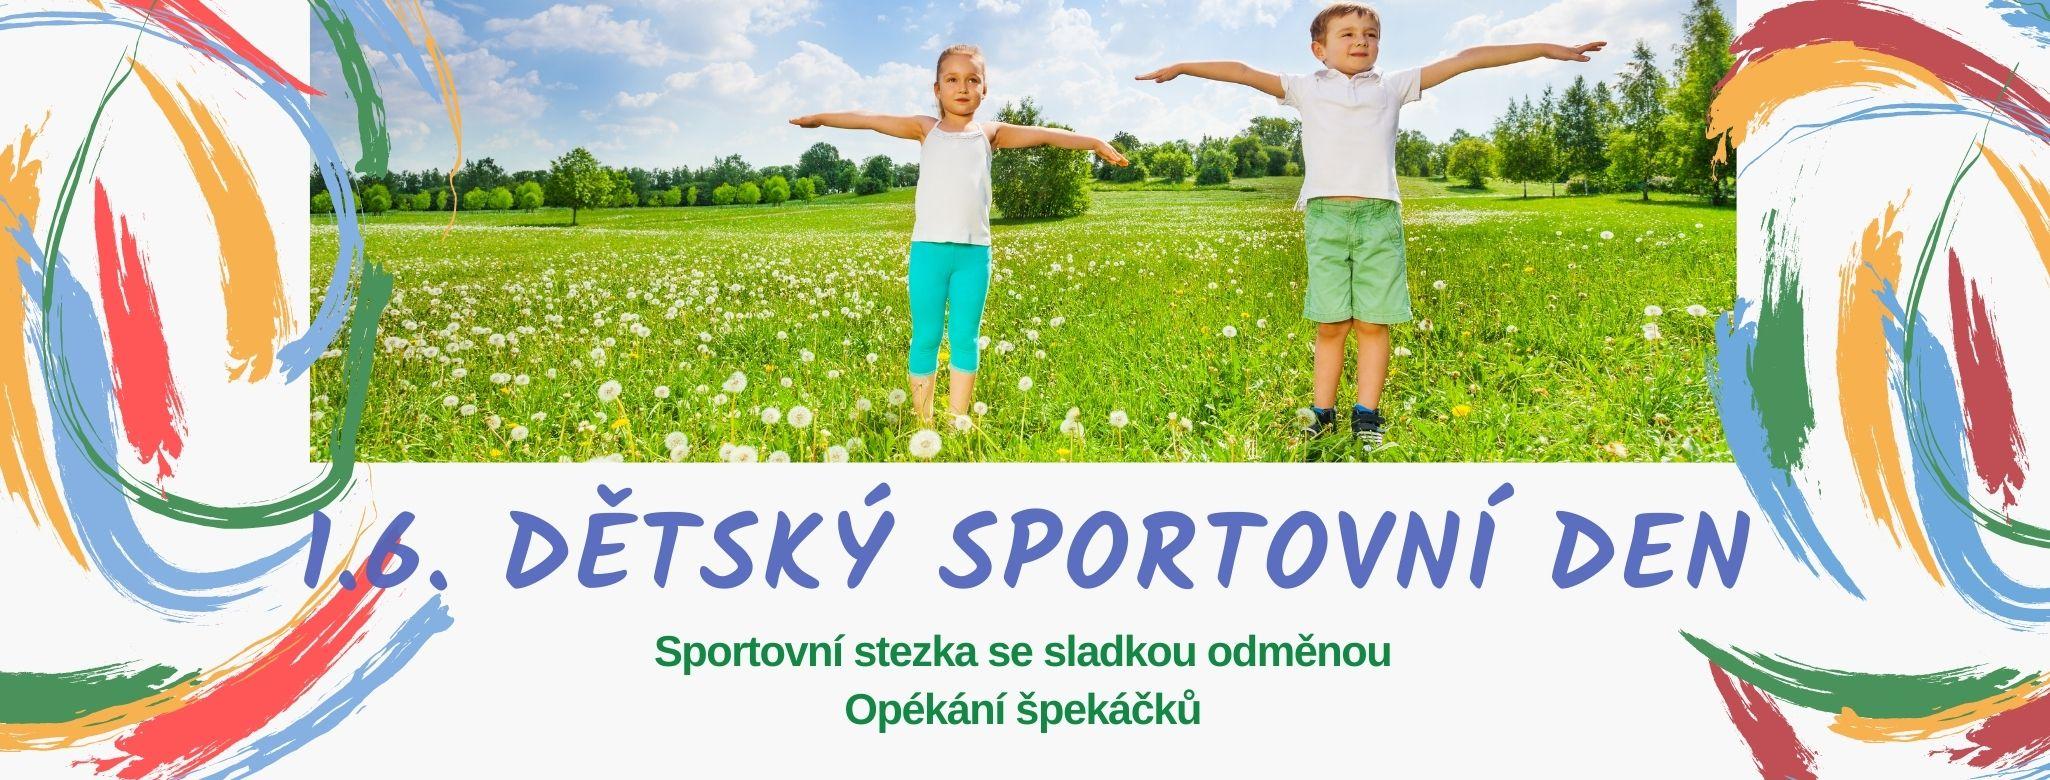 banner Dětský sportovní den-2